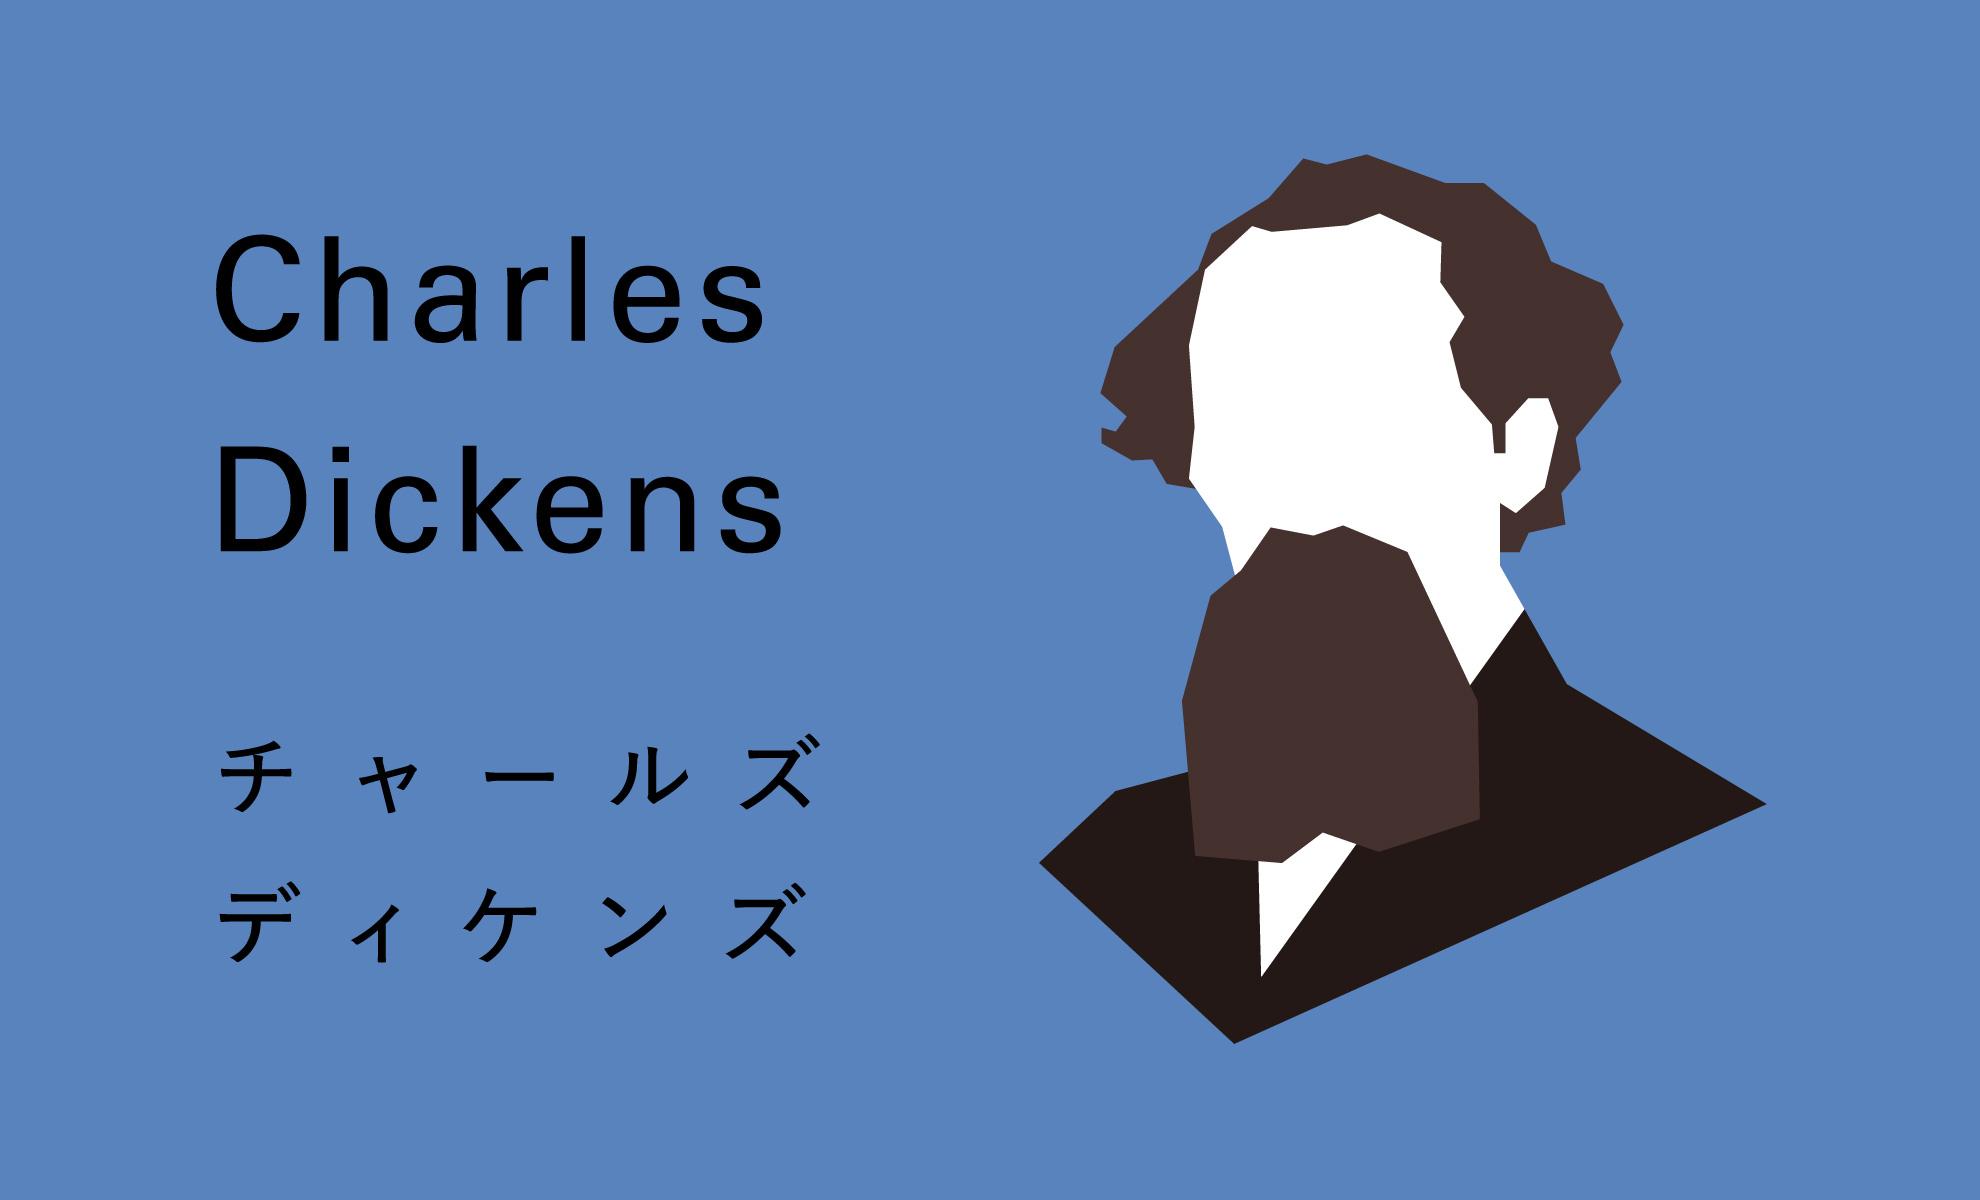 チャールズ・ディケンズ 画像